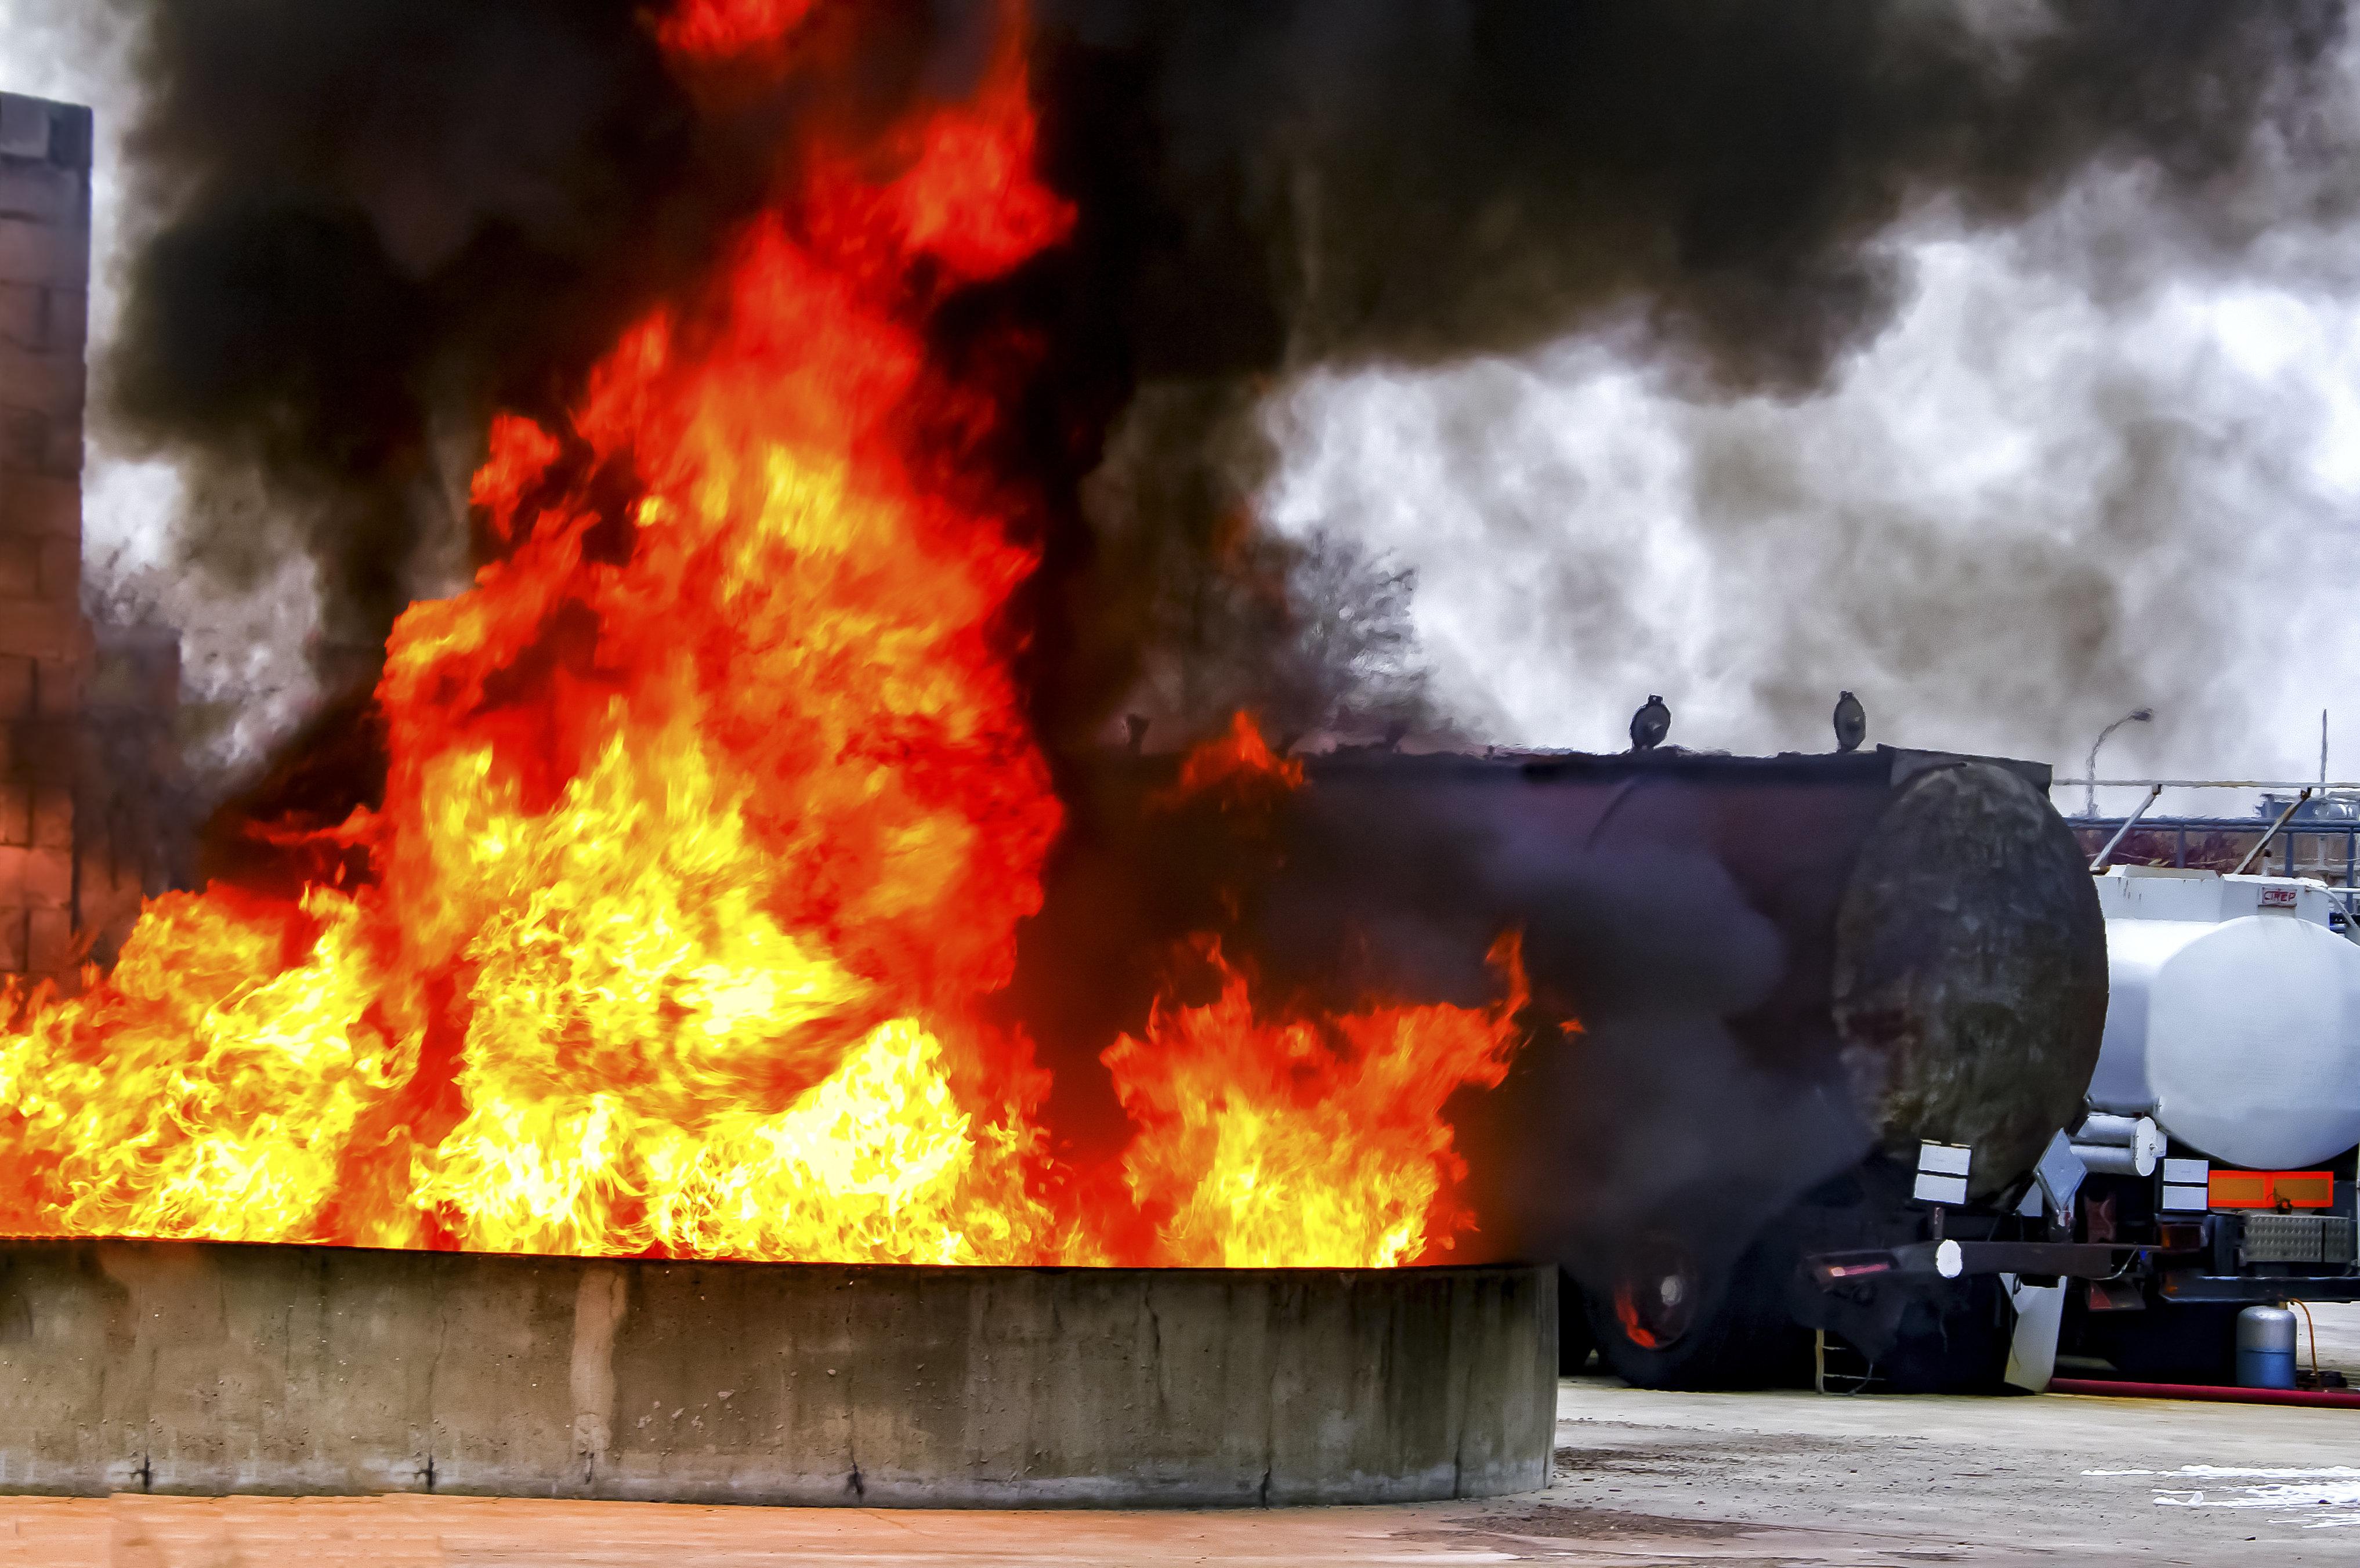 Ουγκάντα: Εννιά μαθητές νεκροί σε φωτιά σε κοιτώνα σχολείου